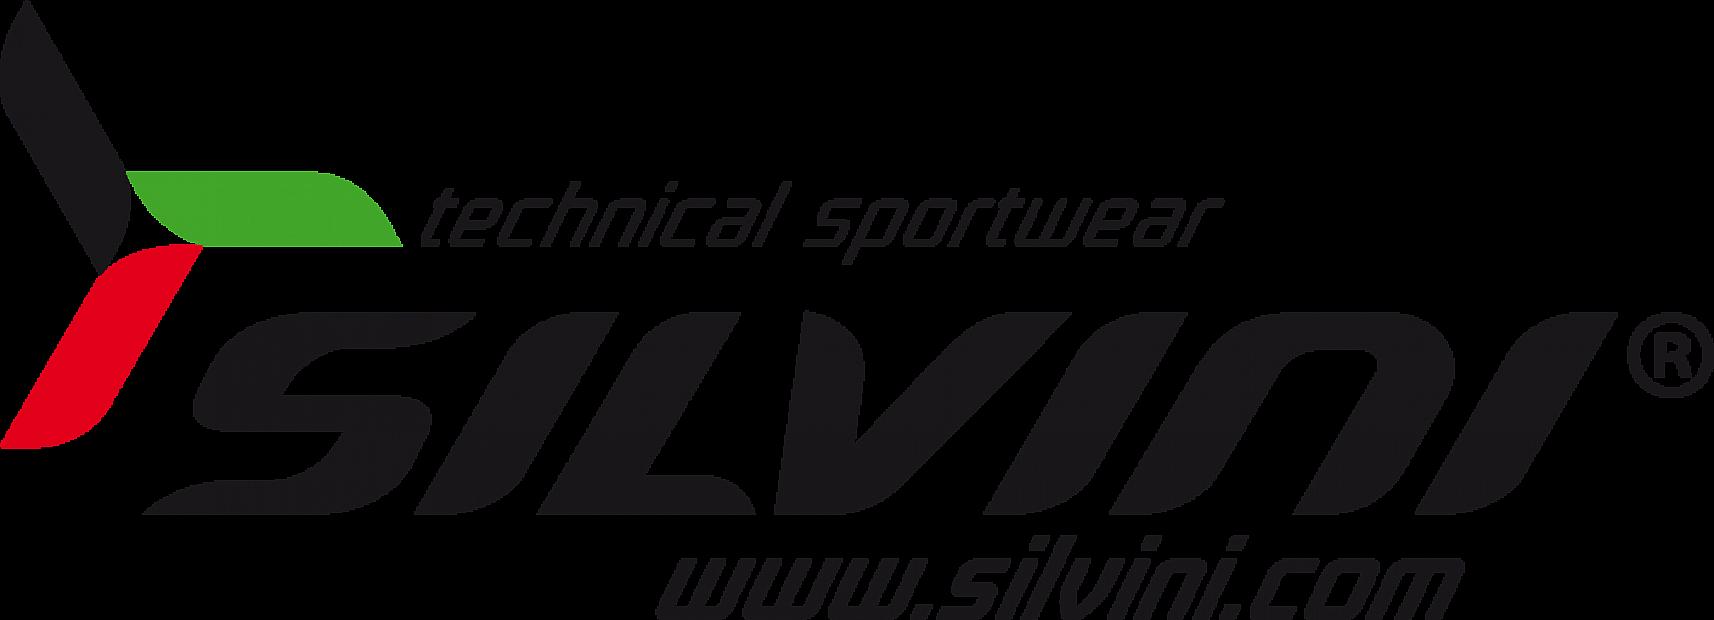 SILVINI česká značka s italským designem - Babinet.cz 9cee9274c2